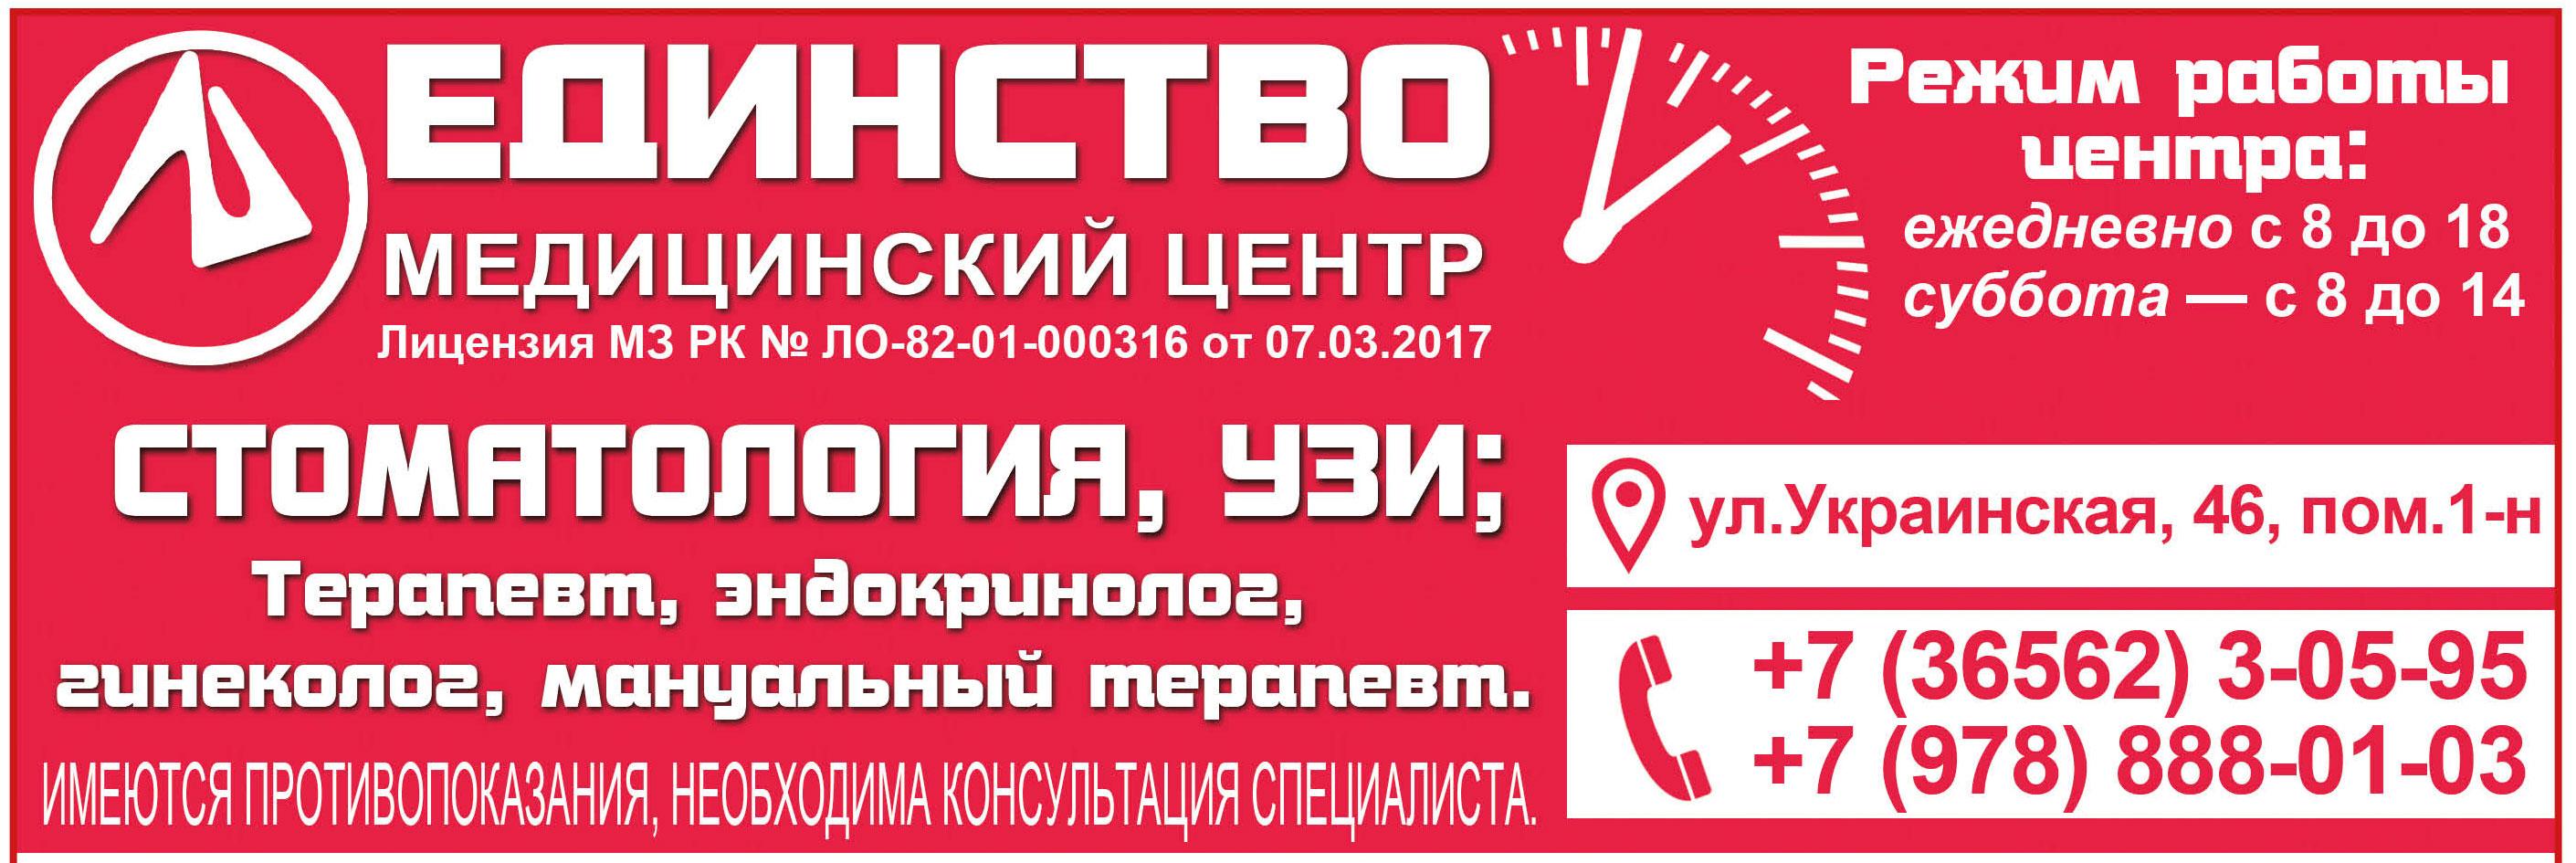 ООО ФЛДЦ Единство